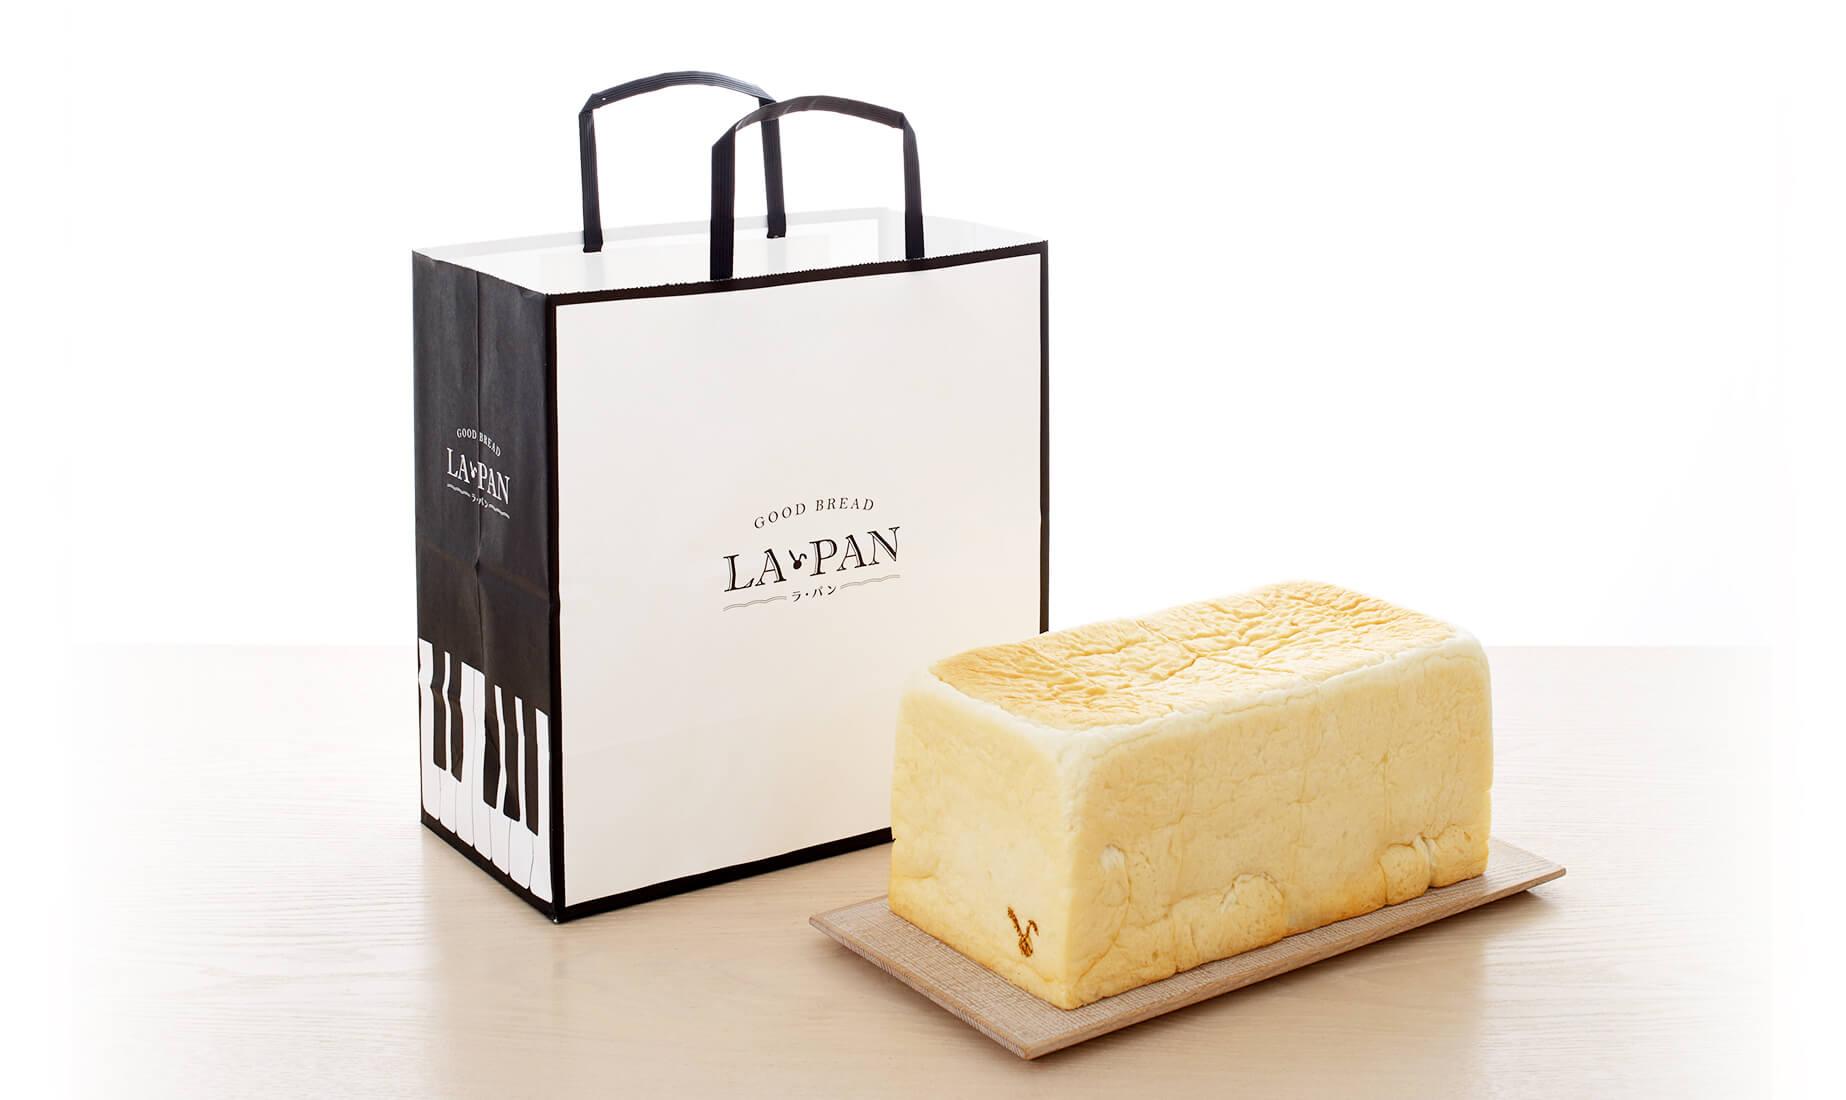 高級生食パンのLA・PAN仙台本店が仙台東口に8/1東北初出店!